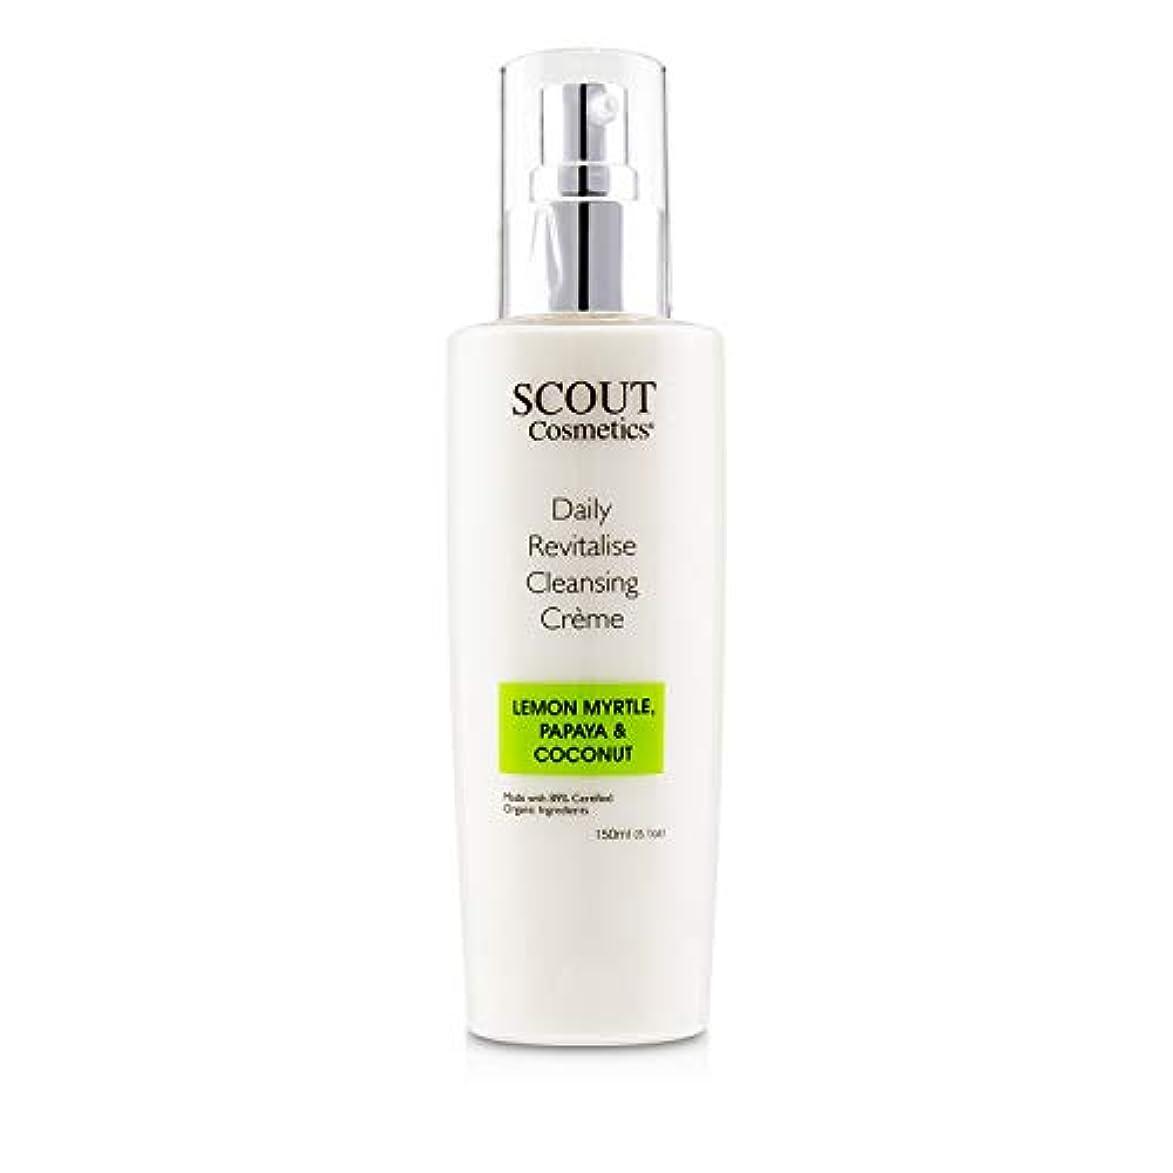 ハプニングケント細胞SCOUT Cosmetics Daily Revitalise Cleansing Creme with Lemon Myrtle, Papaya & Coconut 150ml/5.1oz並行輸入品